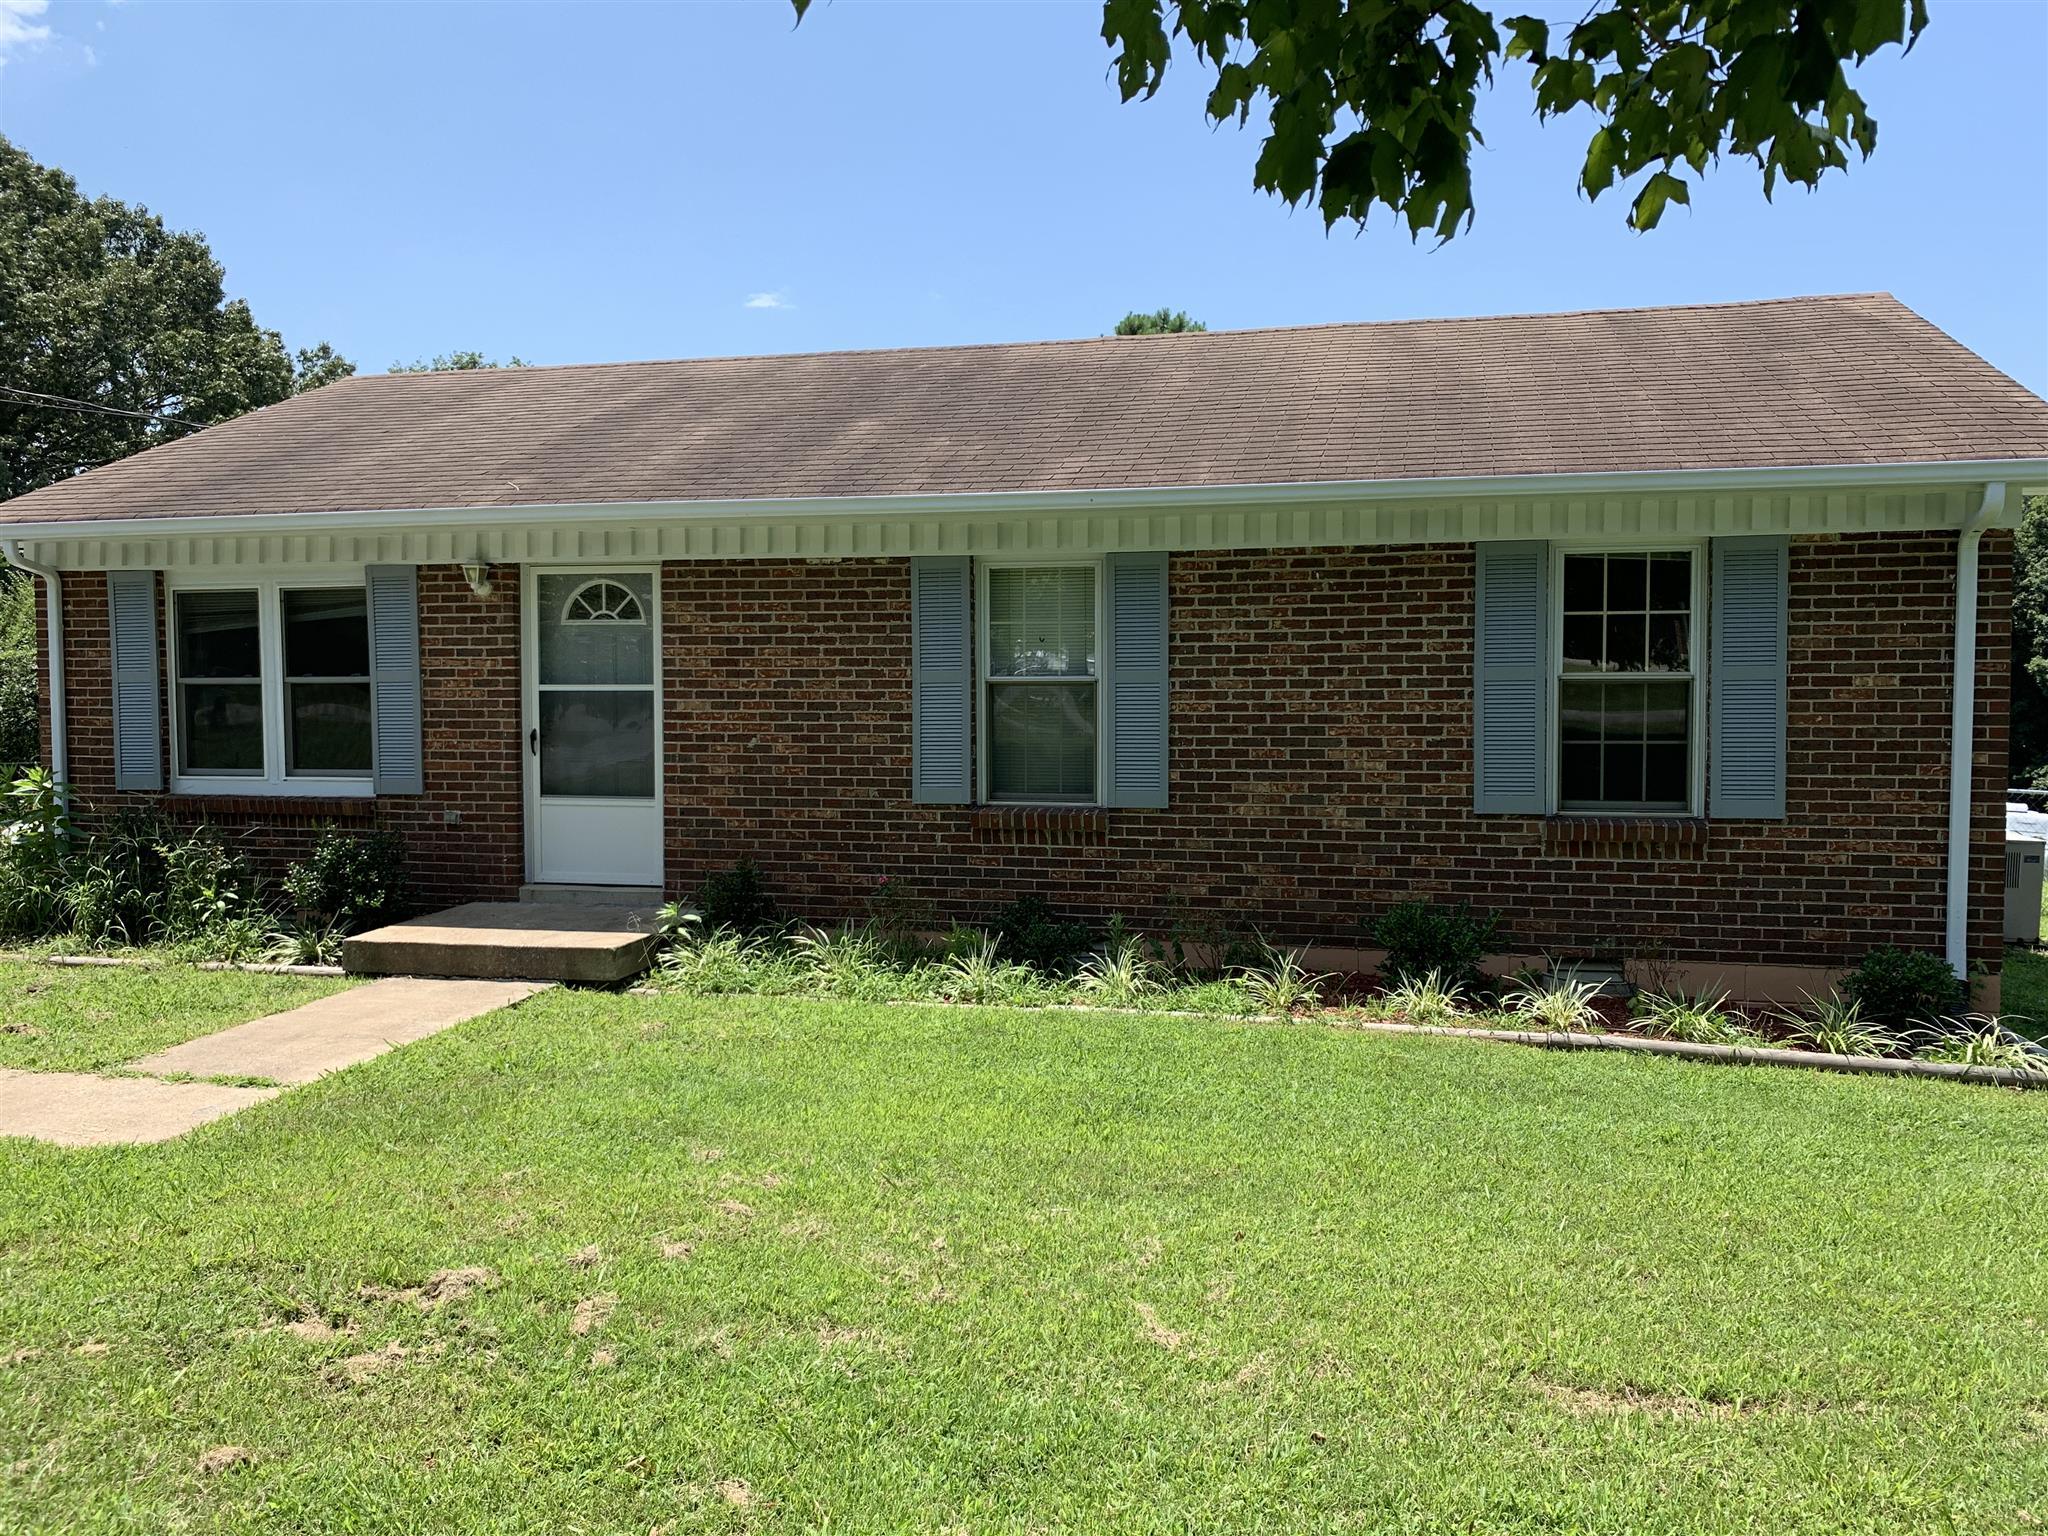 7205 Sugar Maple Dr, Fairview, TN 37062 - Fairview, TN real estate listing